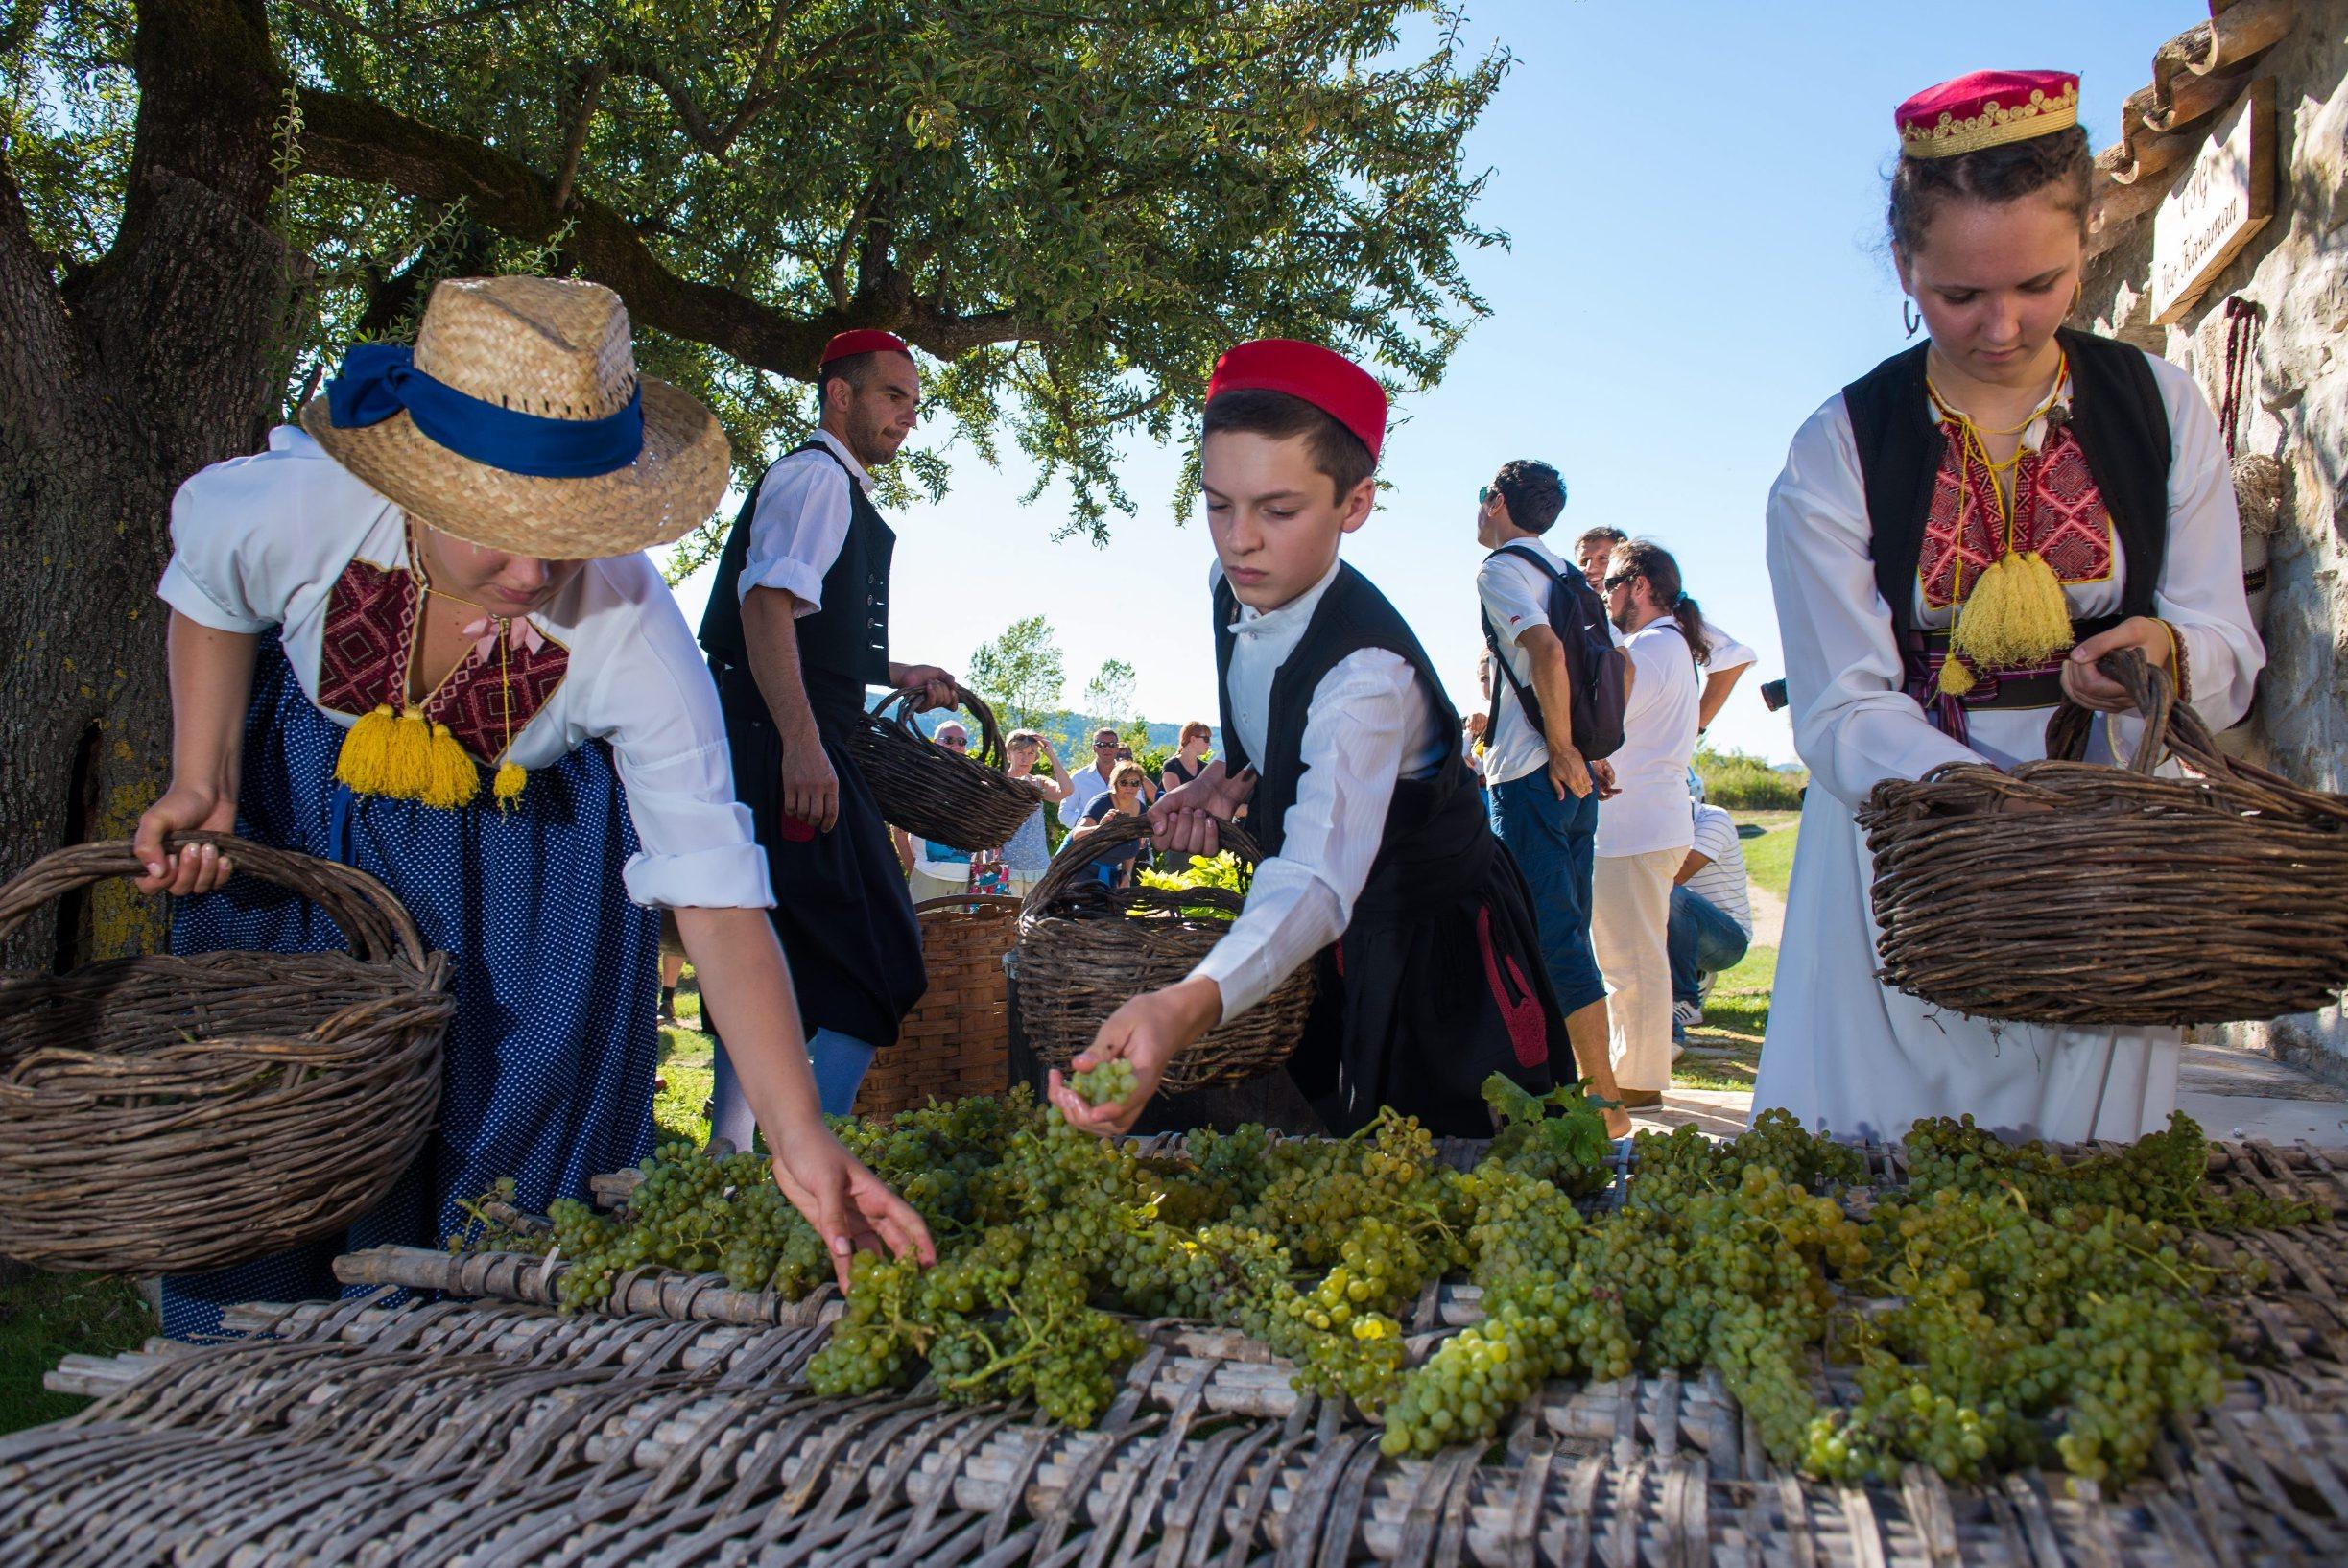 Konavle, 040913. Agroturizam Konavle pozvao je danas sve zainteresirane na trganje ili berbu grozdja u vinogradu OPG-a Ive Karamana u Pridvorju. Berba grozdja uprilicena je na tradicijski nacin s ciljem ukazivanja na Konavle kao na vinsku regiju te kao destinaciju za ruralni turizam. Foto: Tonci Plazibat / CROPIX